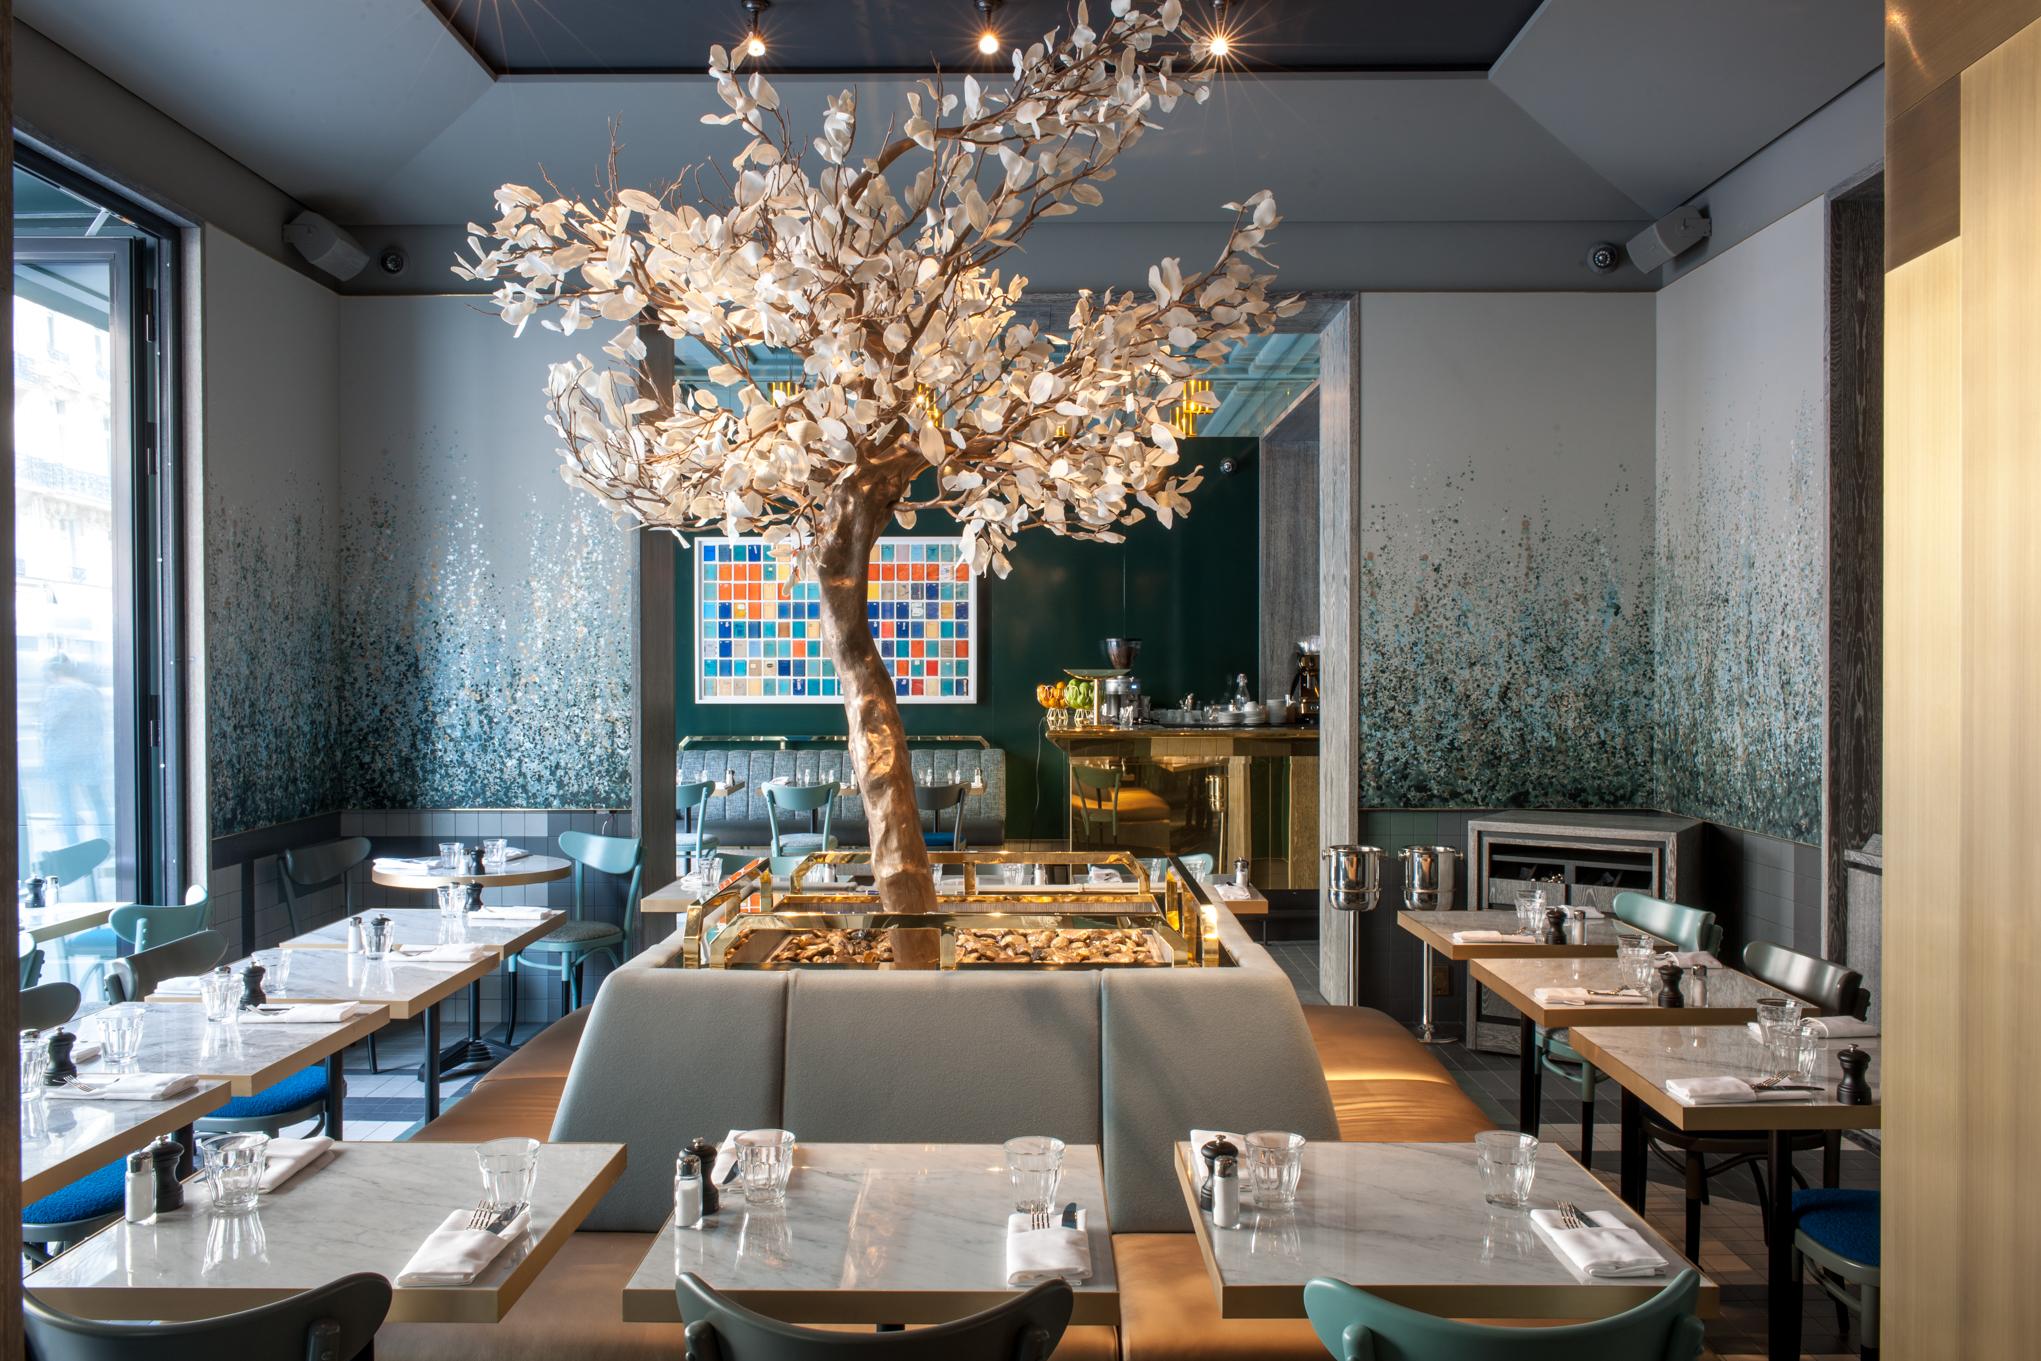 Nolinski paris offres d 39 emploi ou de stage en h tellerie for Hotel avec restaurant